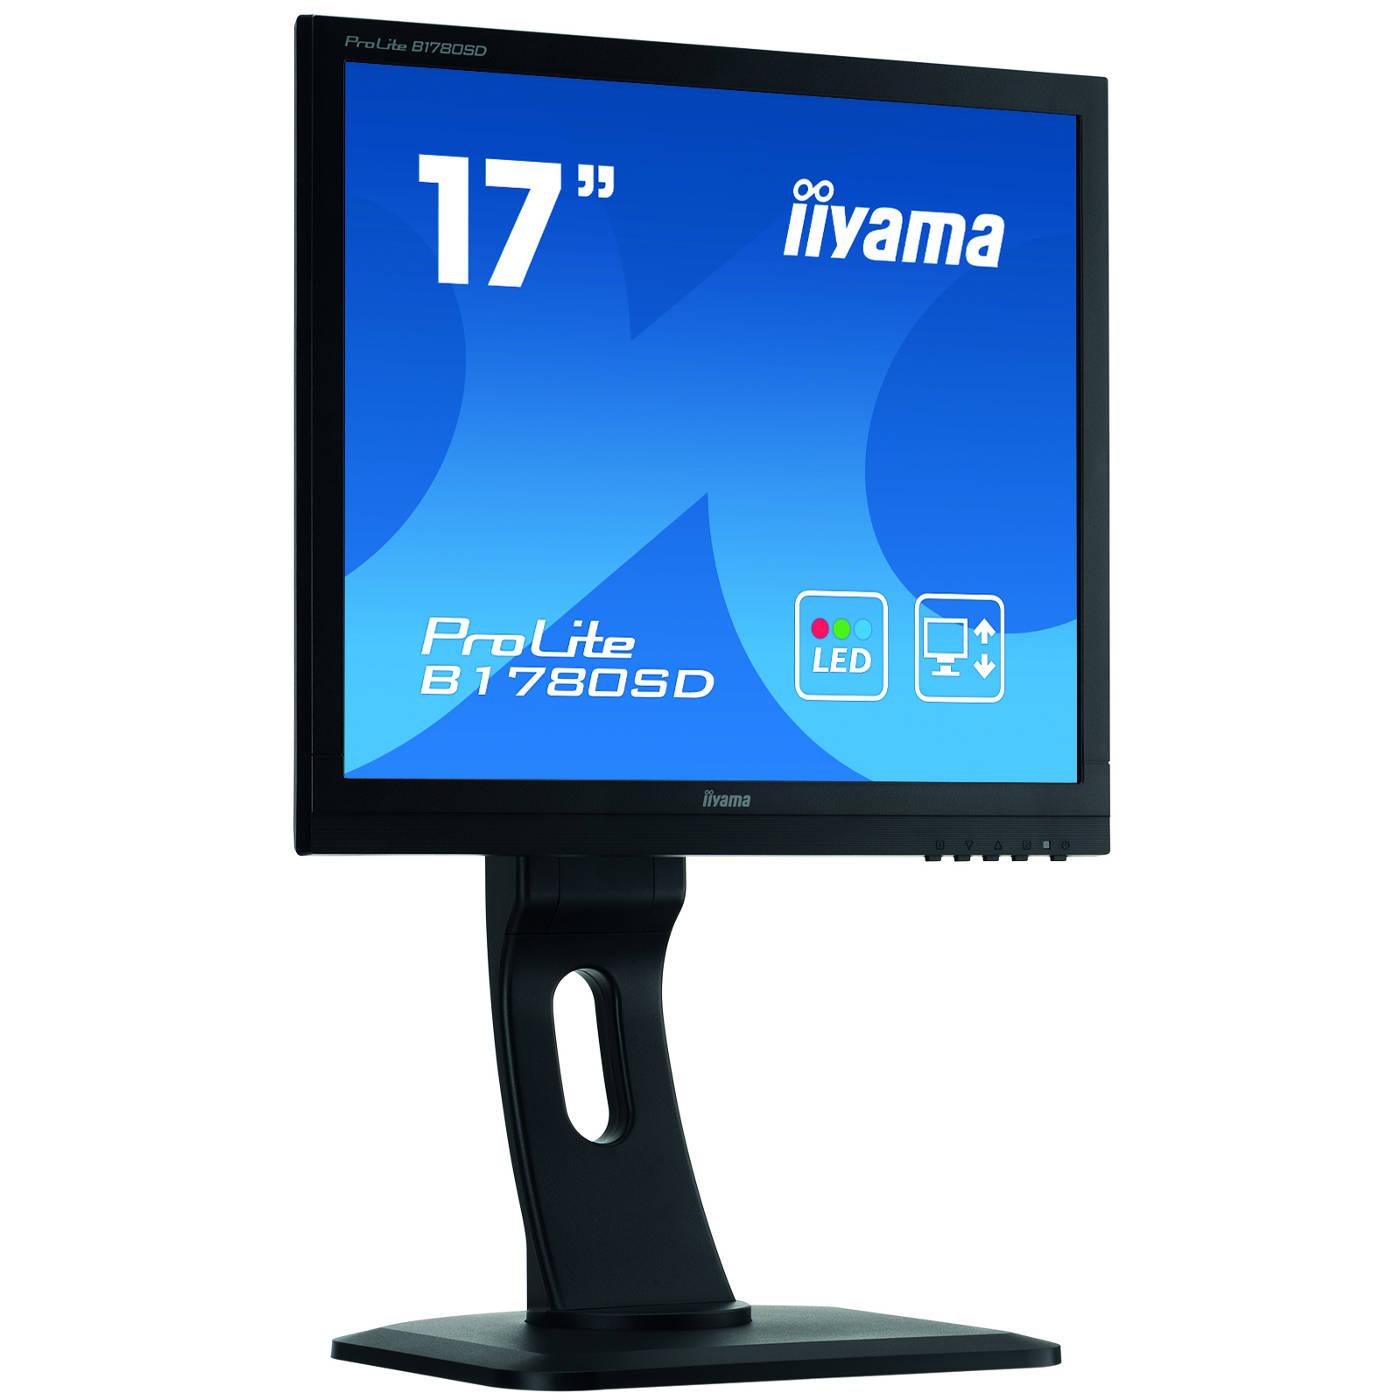 """Ecran PC iiyama 17"""" LED - ProLite B1780SD-B1 1280 x 1024 pixels - 5 ms - Format 4/3 - Pivot - Noir"""